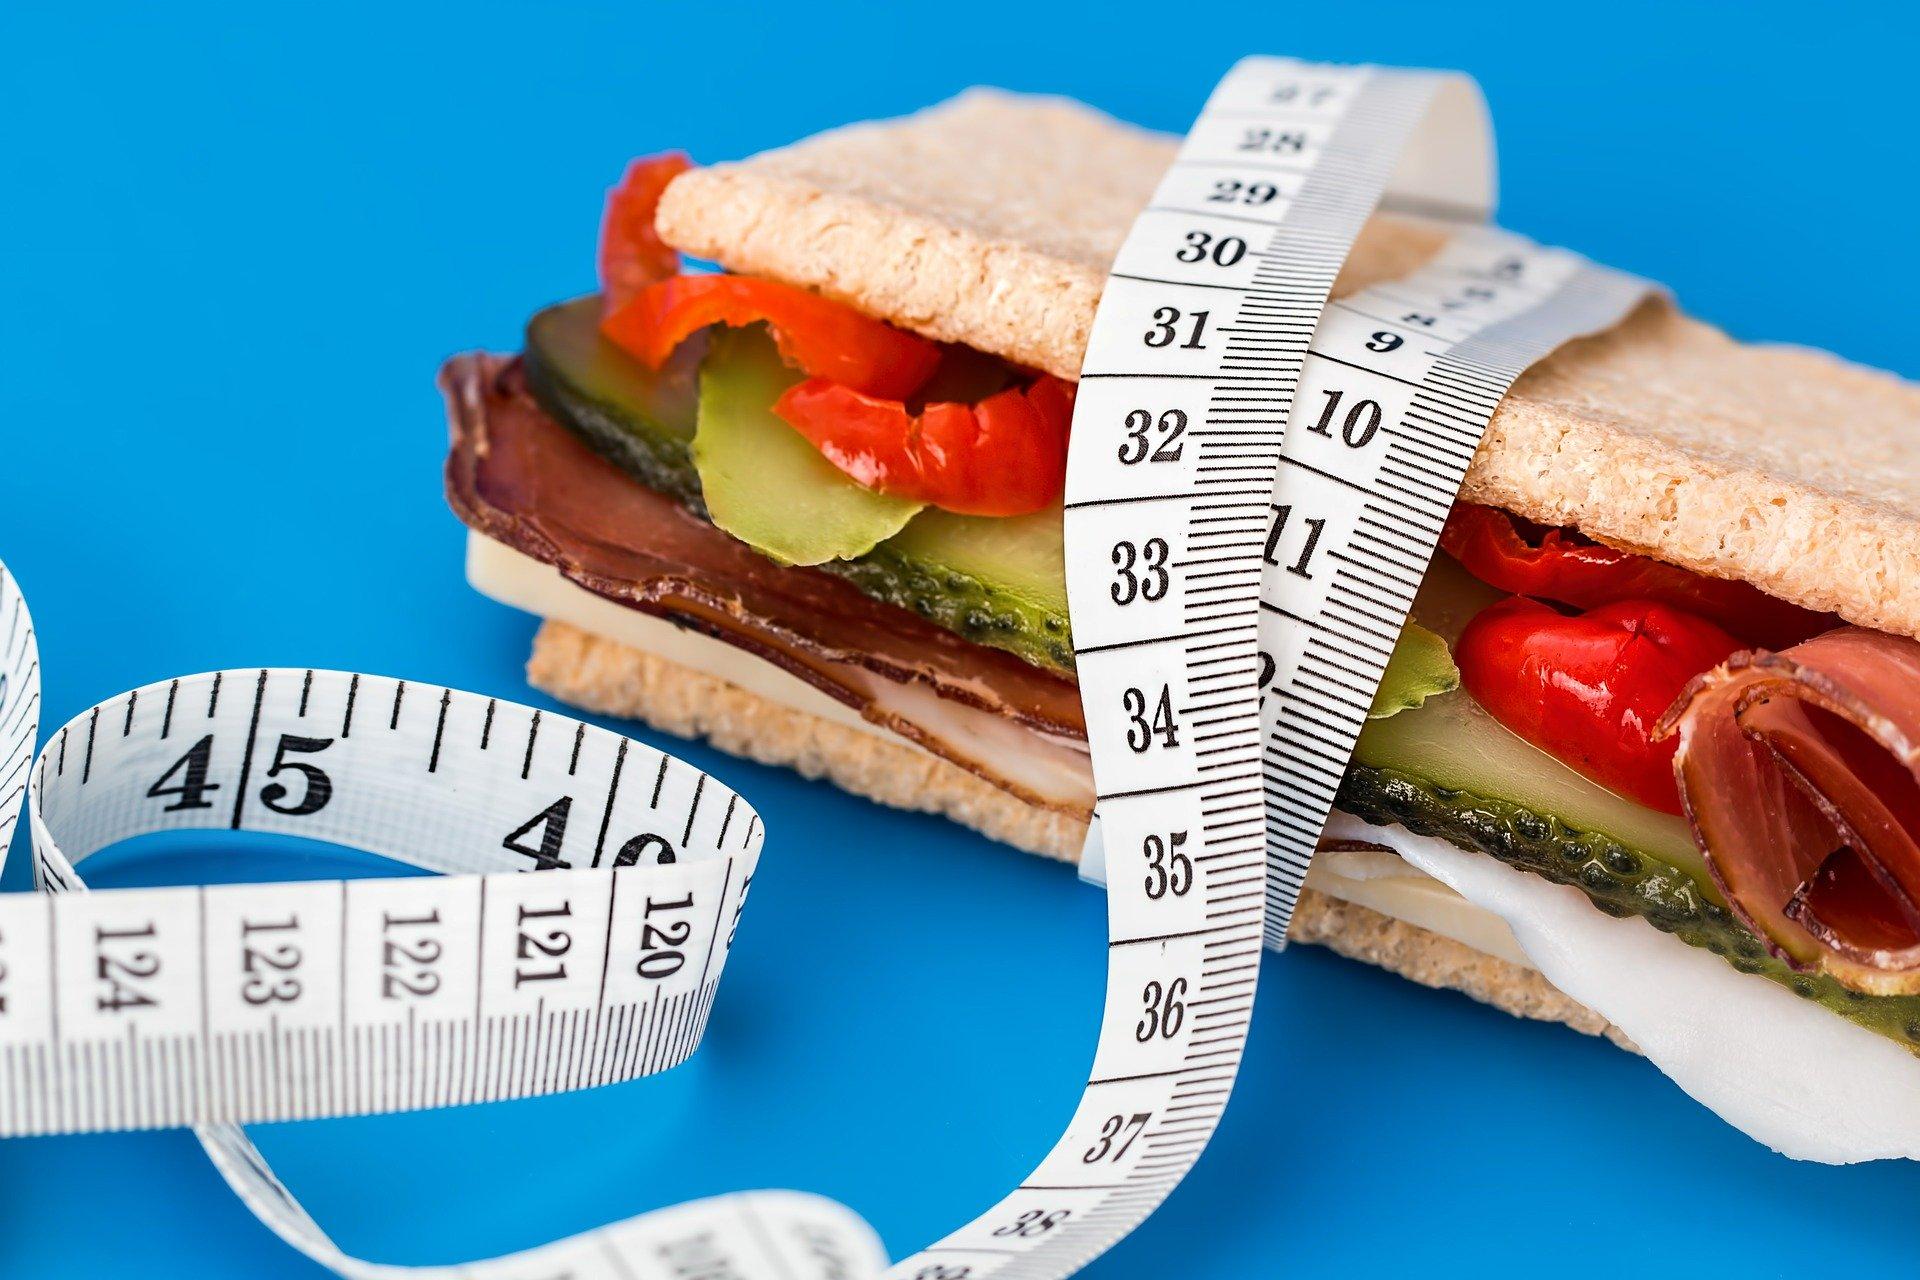 Calculer son besoin calorique et protéique quotidien